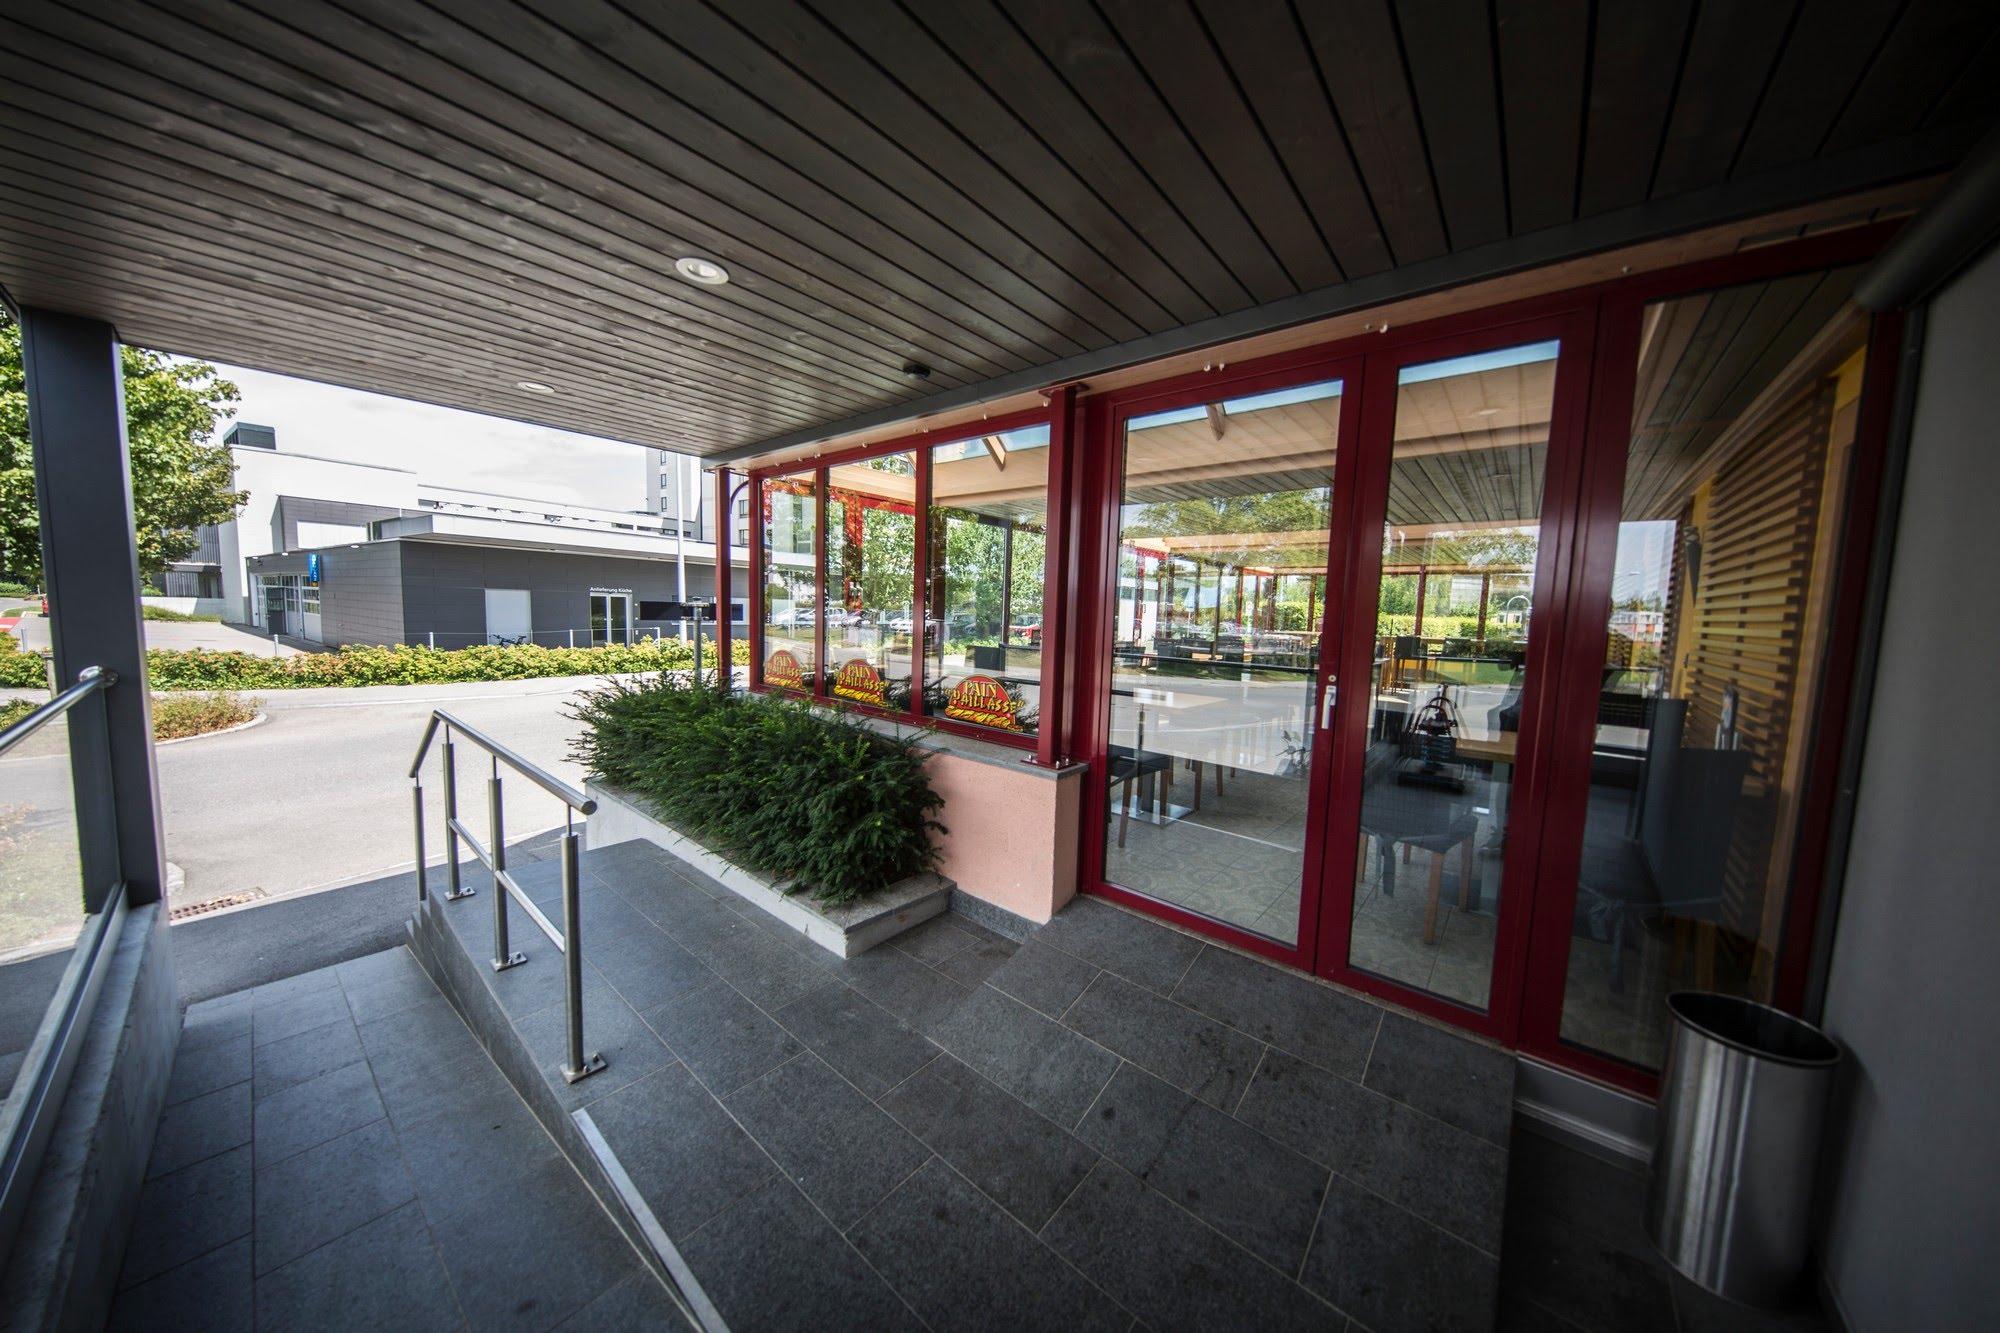 Renovationen / Sanierungen / Umbau,Bau-Service (Kundendienst) Umbau Café Koller